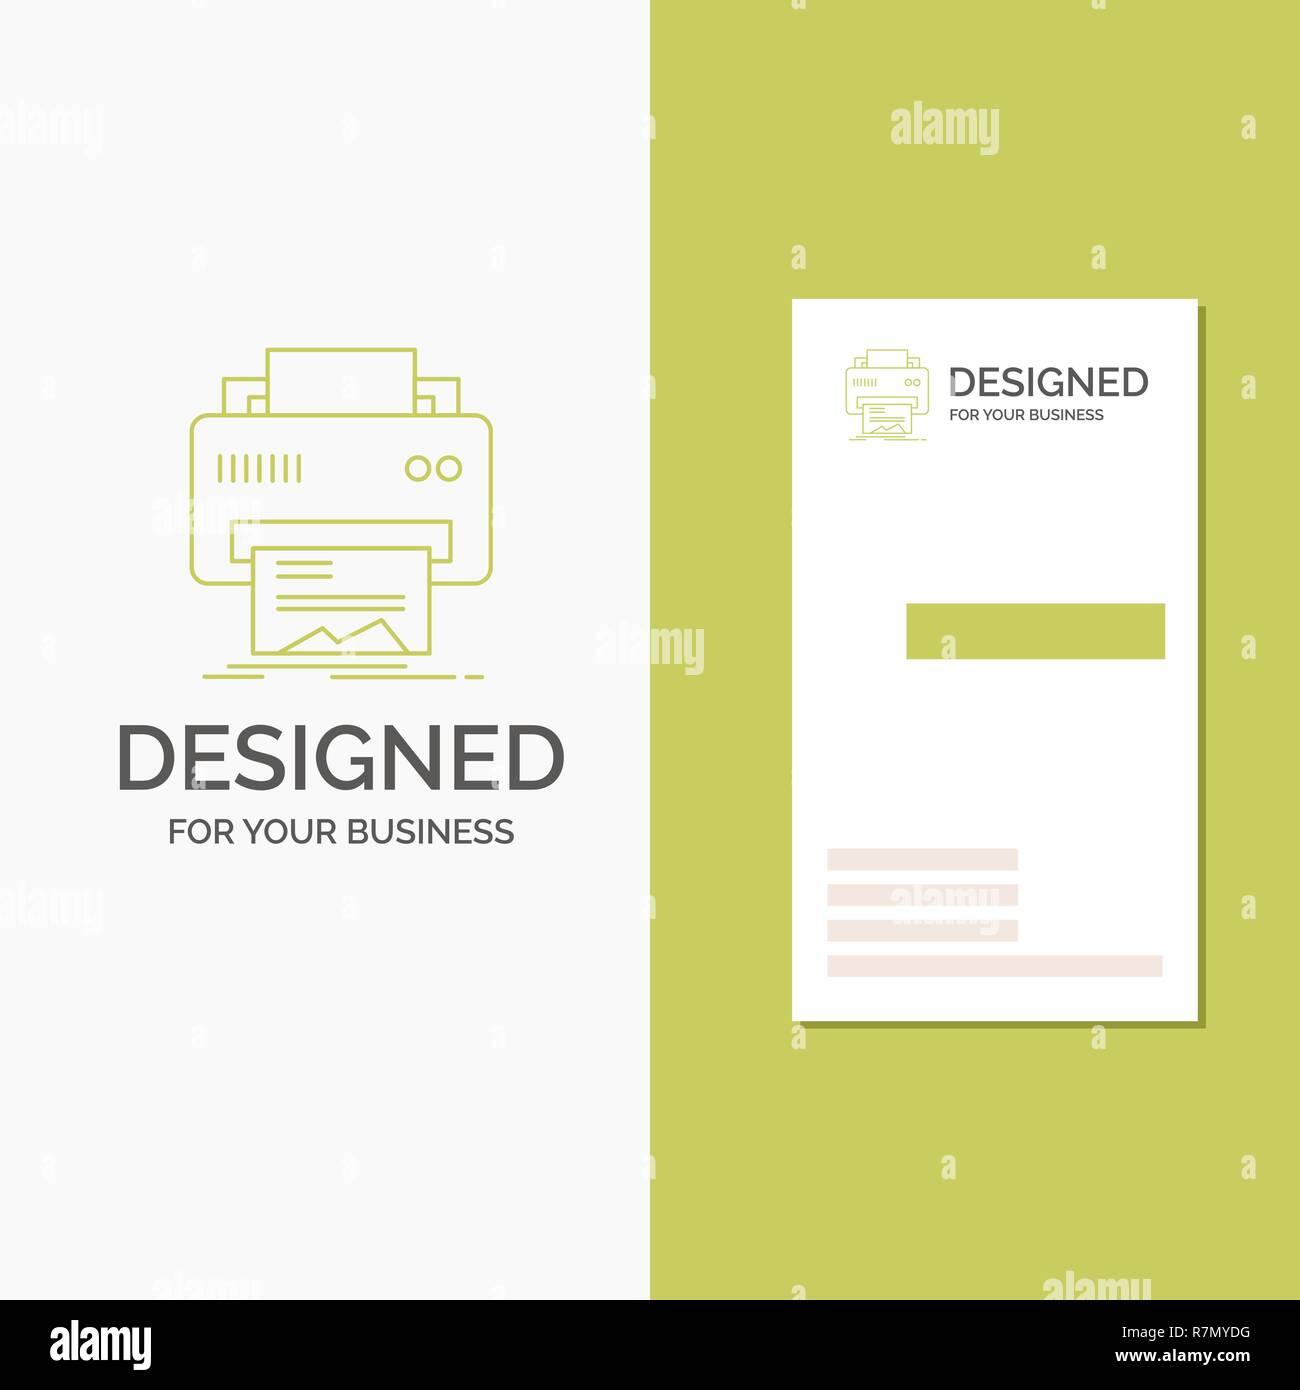 Logo Dentreprise Pour Le Numerique Imprimante Impression Materiel Papier Lentreprise Verte Verticale Modele De Carte Visite